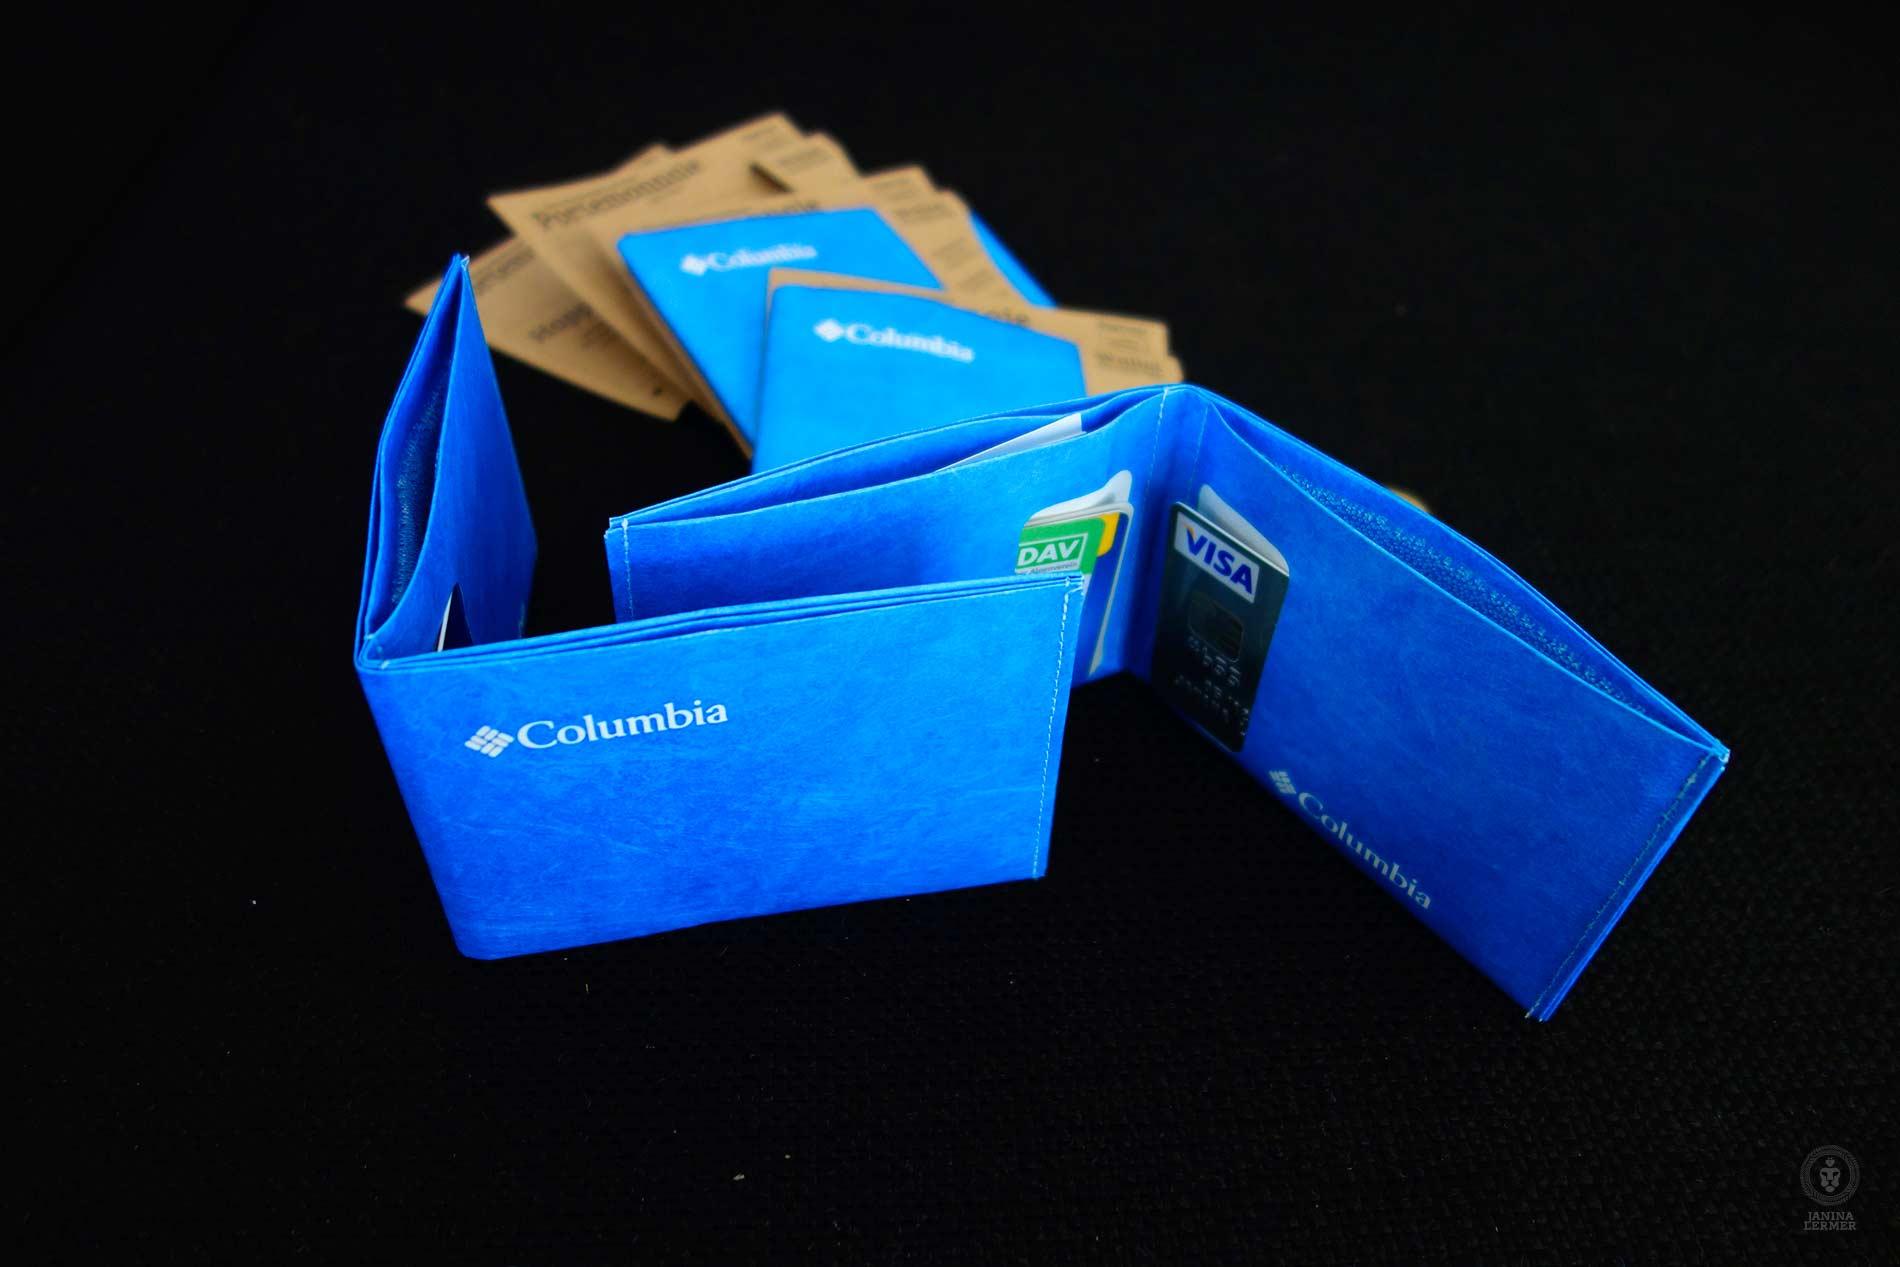 Janina-Lermer-Verpackung-Packaging-Geldbeutel-Wallet-Paprcuts-2-Columbia